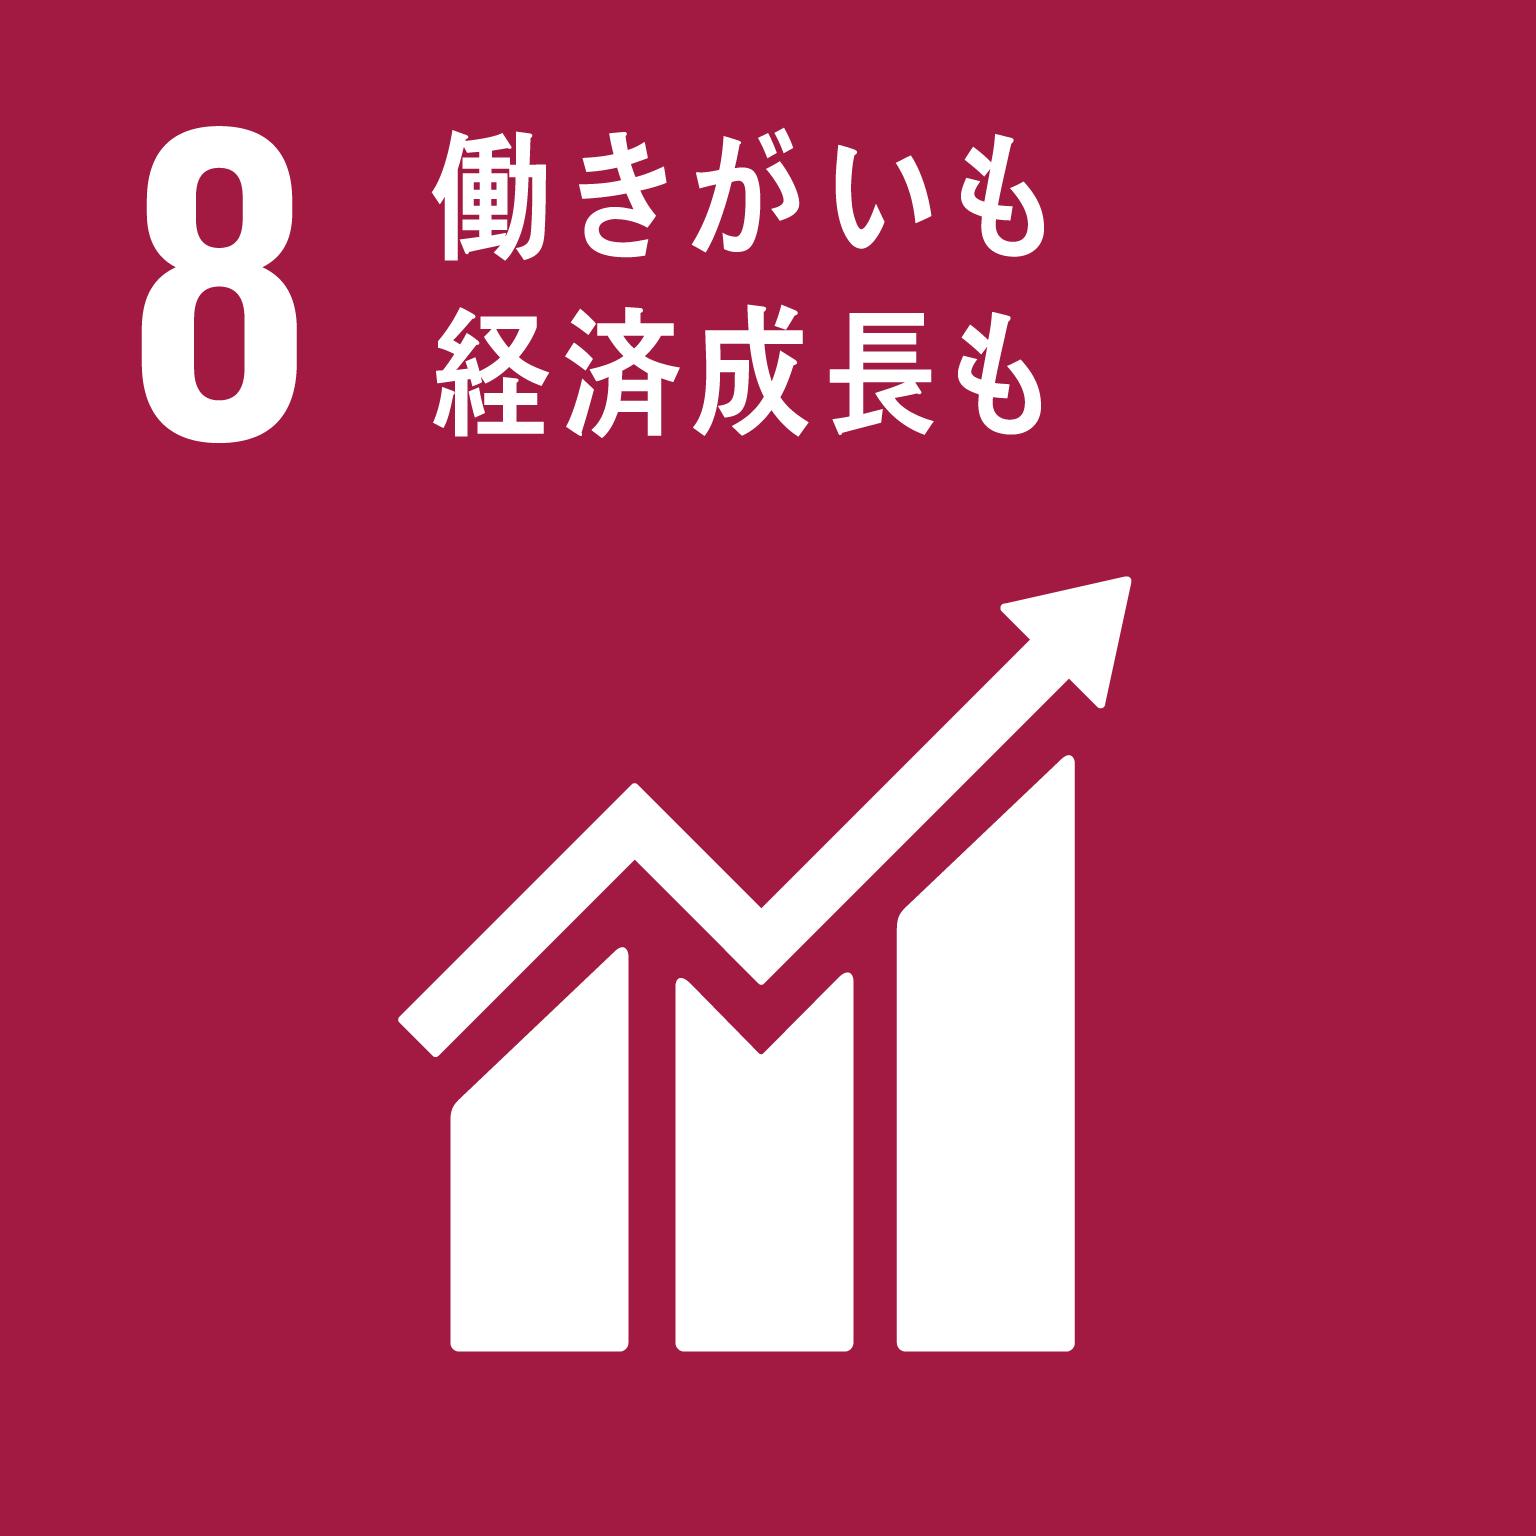 08: 働きがいも経済成長も